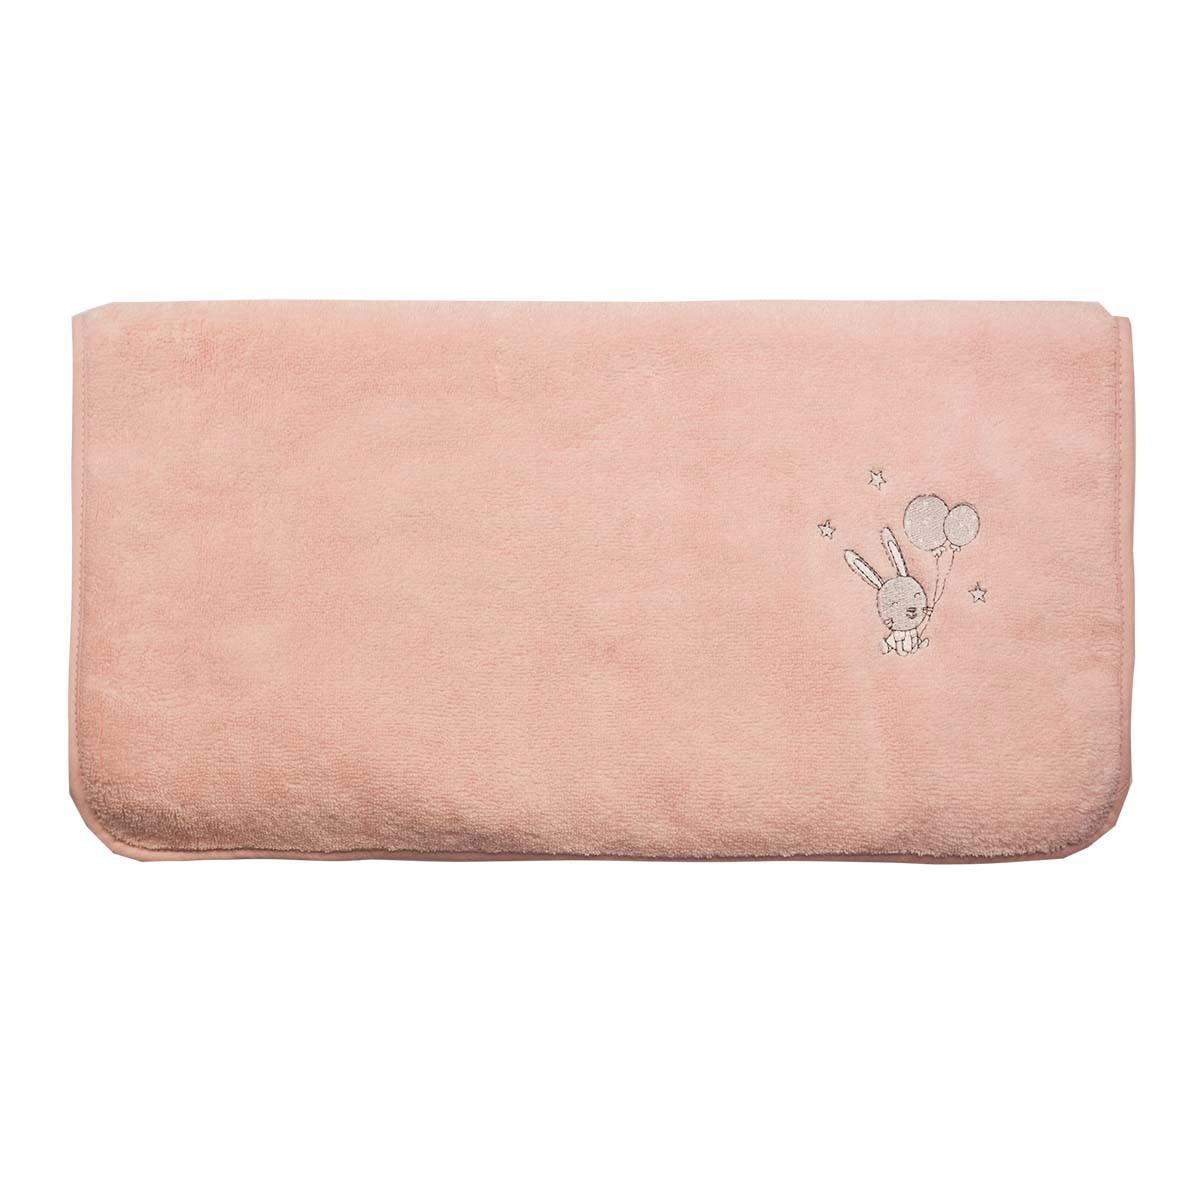 Serviette de toilette en coton peig Rose Poudre 50x90 cm